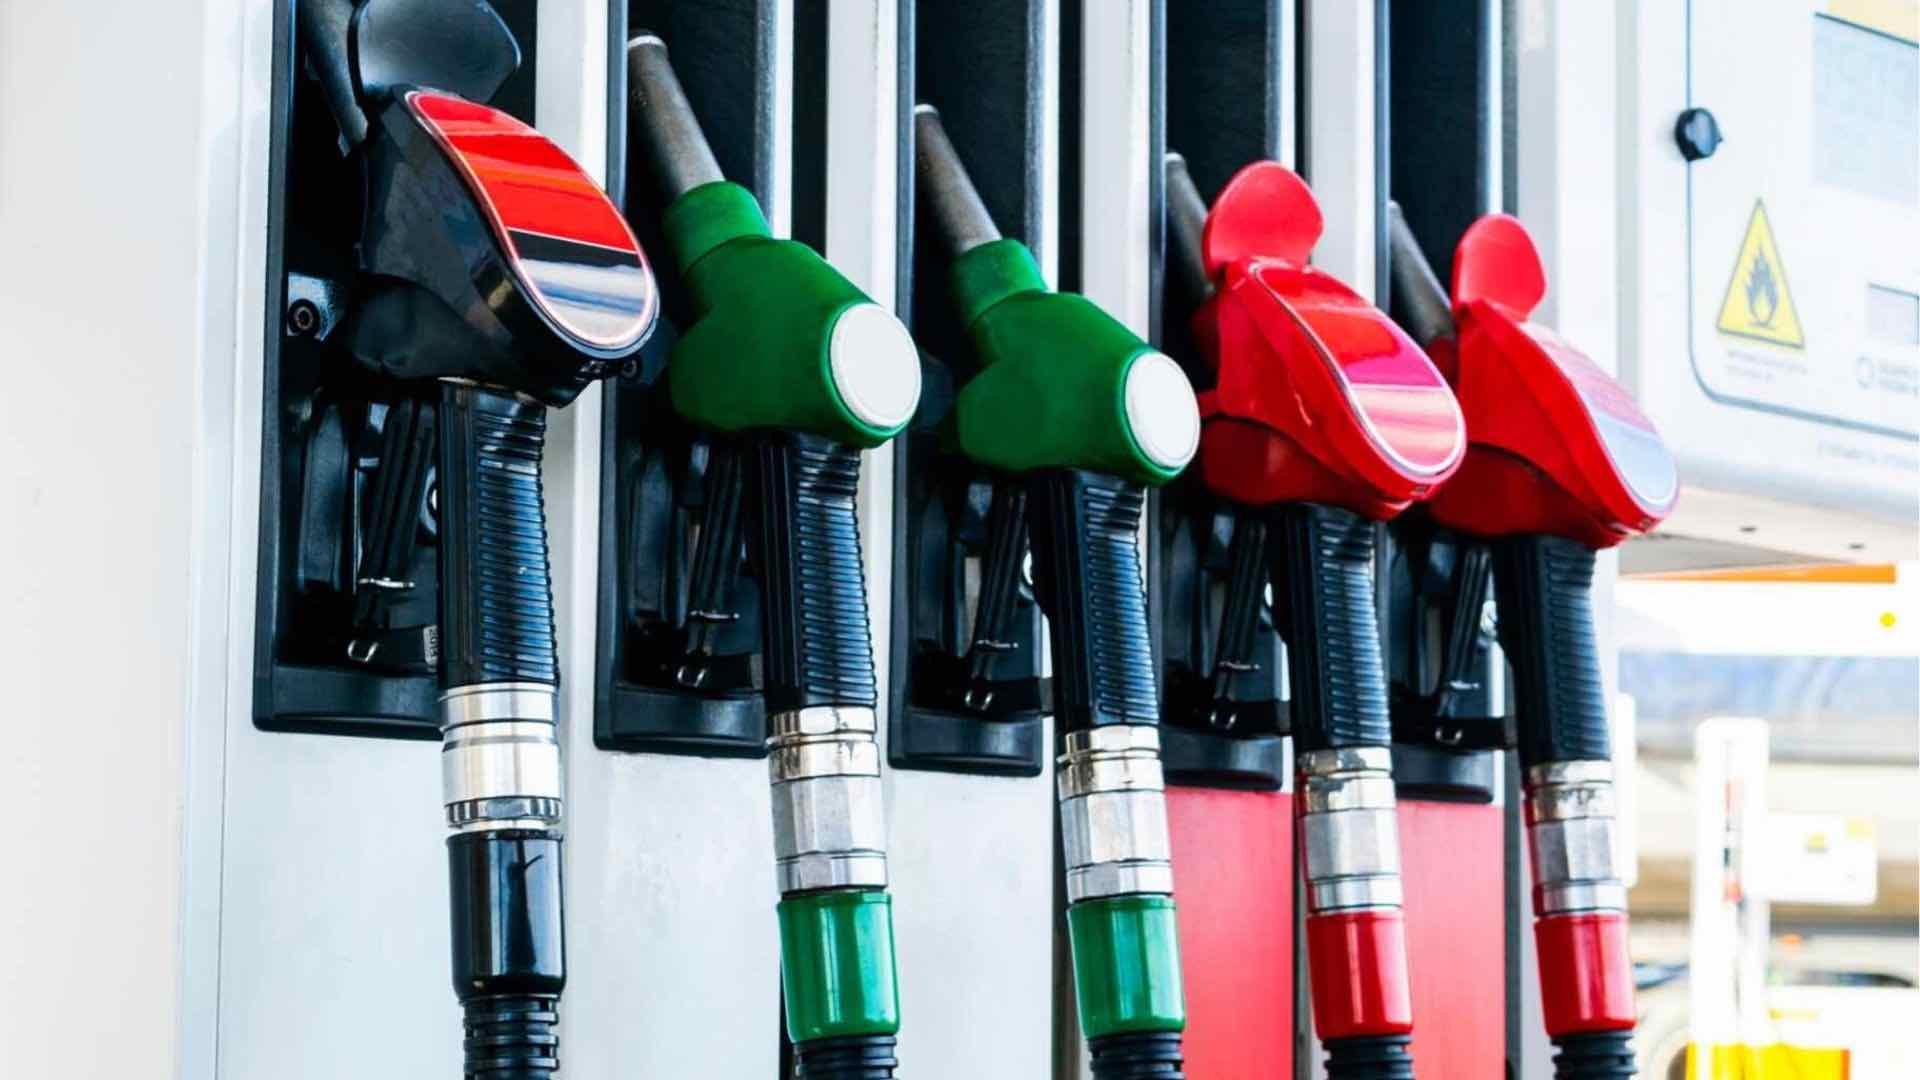 FIAP Valori indicativi di riferimento dei costi di esercizio. Dato del costo del gasolio del mese di Dicembre 2019.